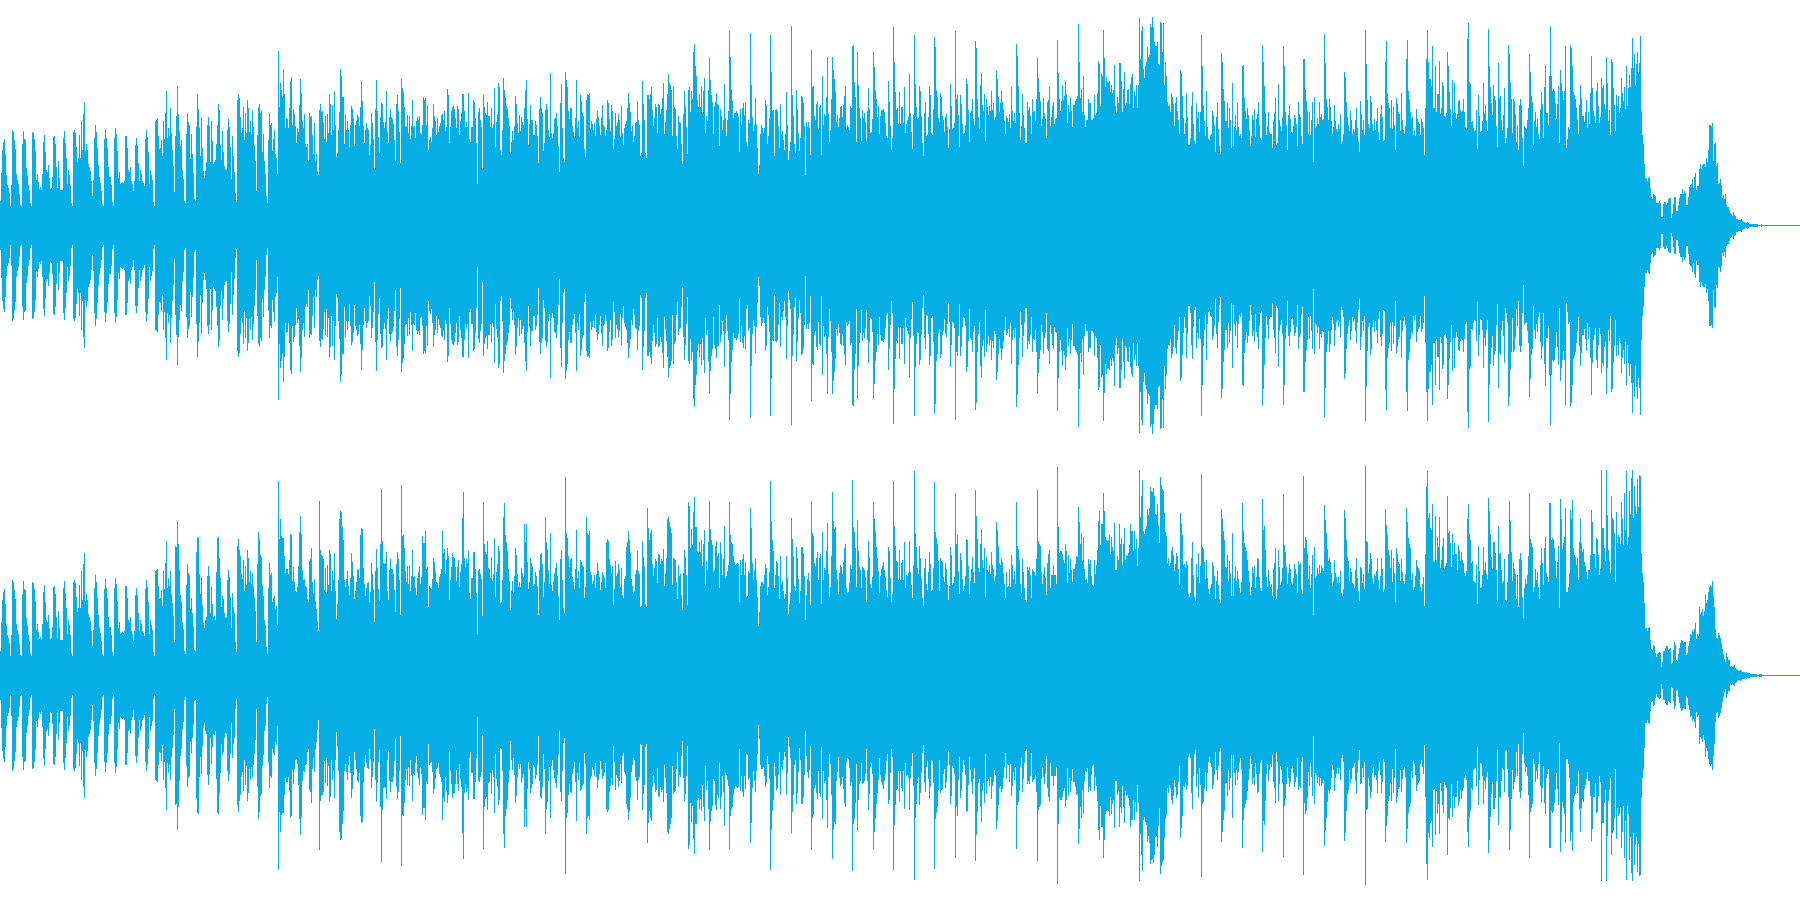 エレクトロな予告ジングルの再生済みの波形